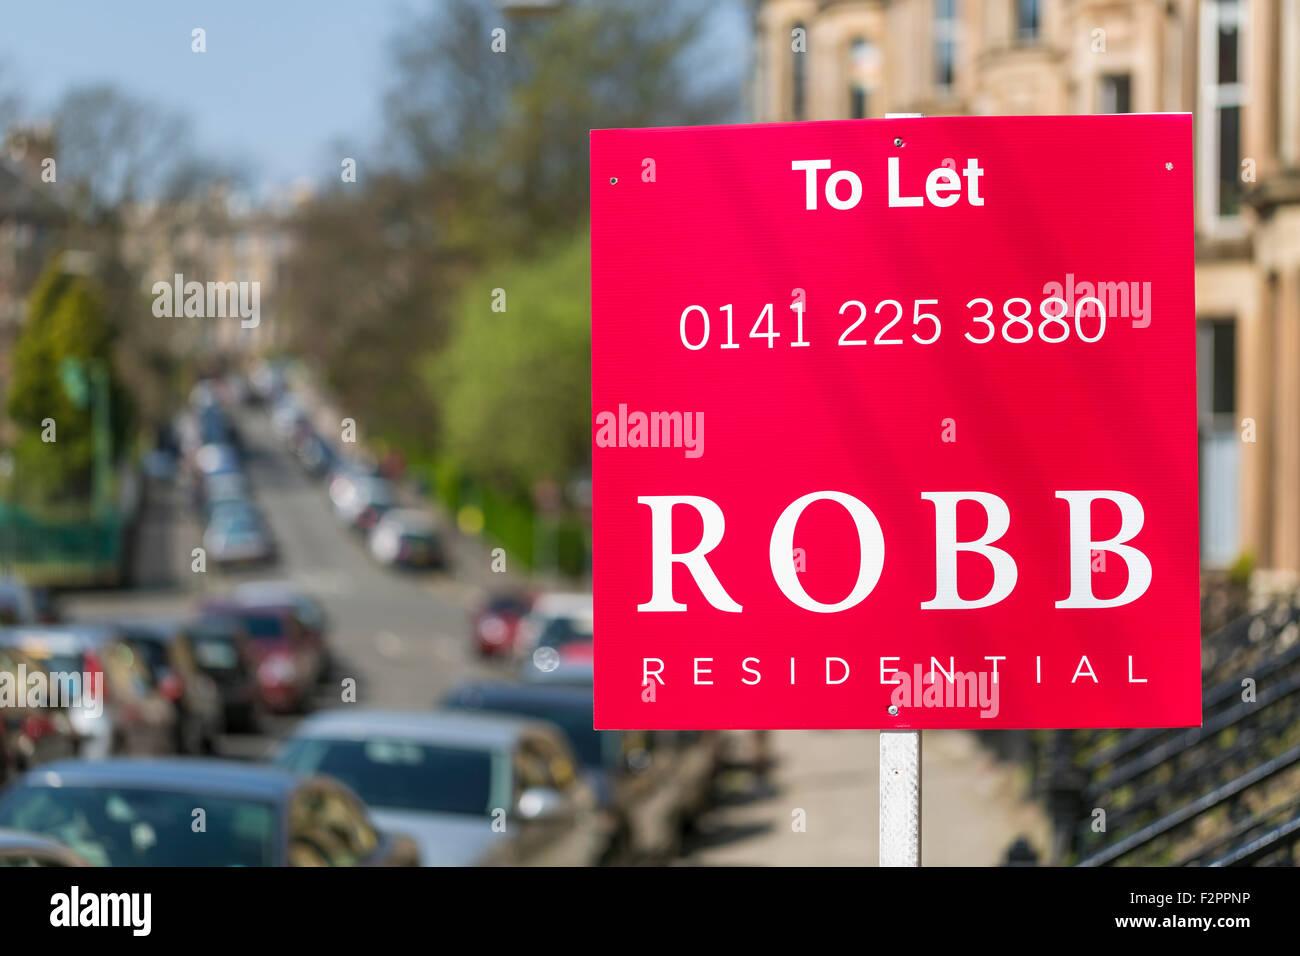 Panneau a Residential to Let, Glasgow West End, Écosse, Royaume-Uni Banque D'Images